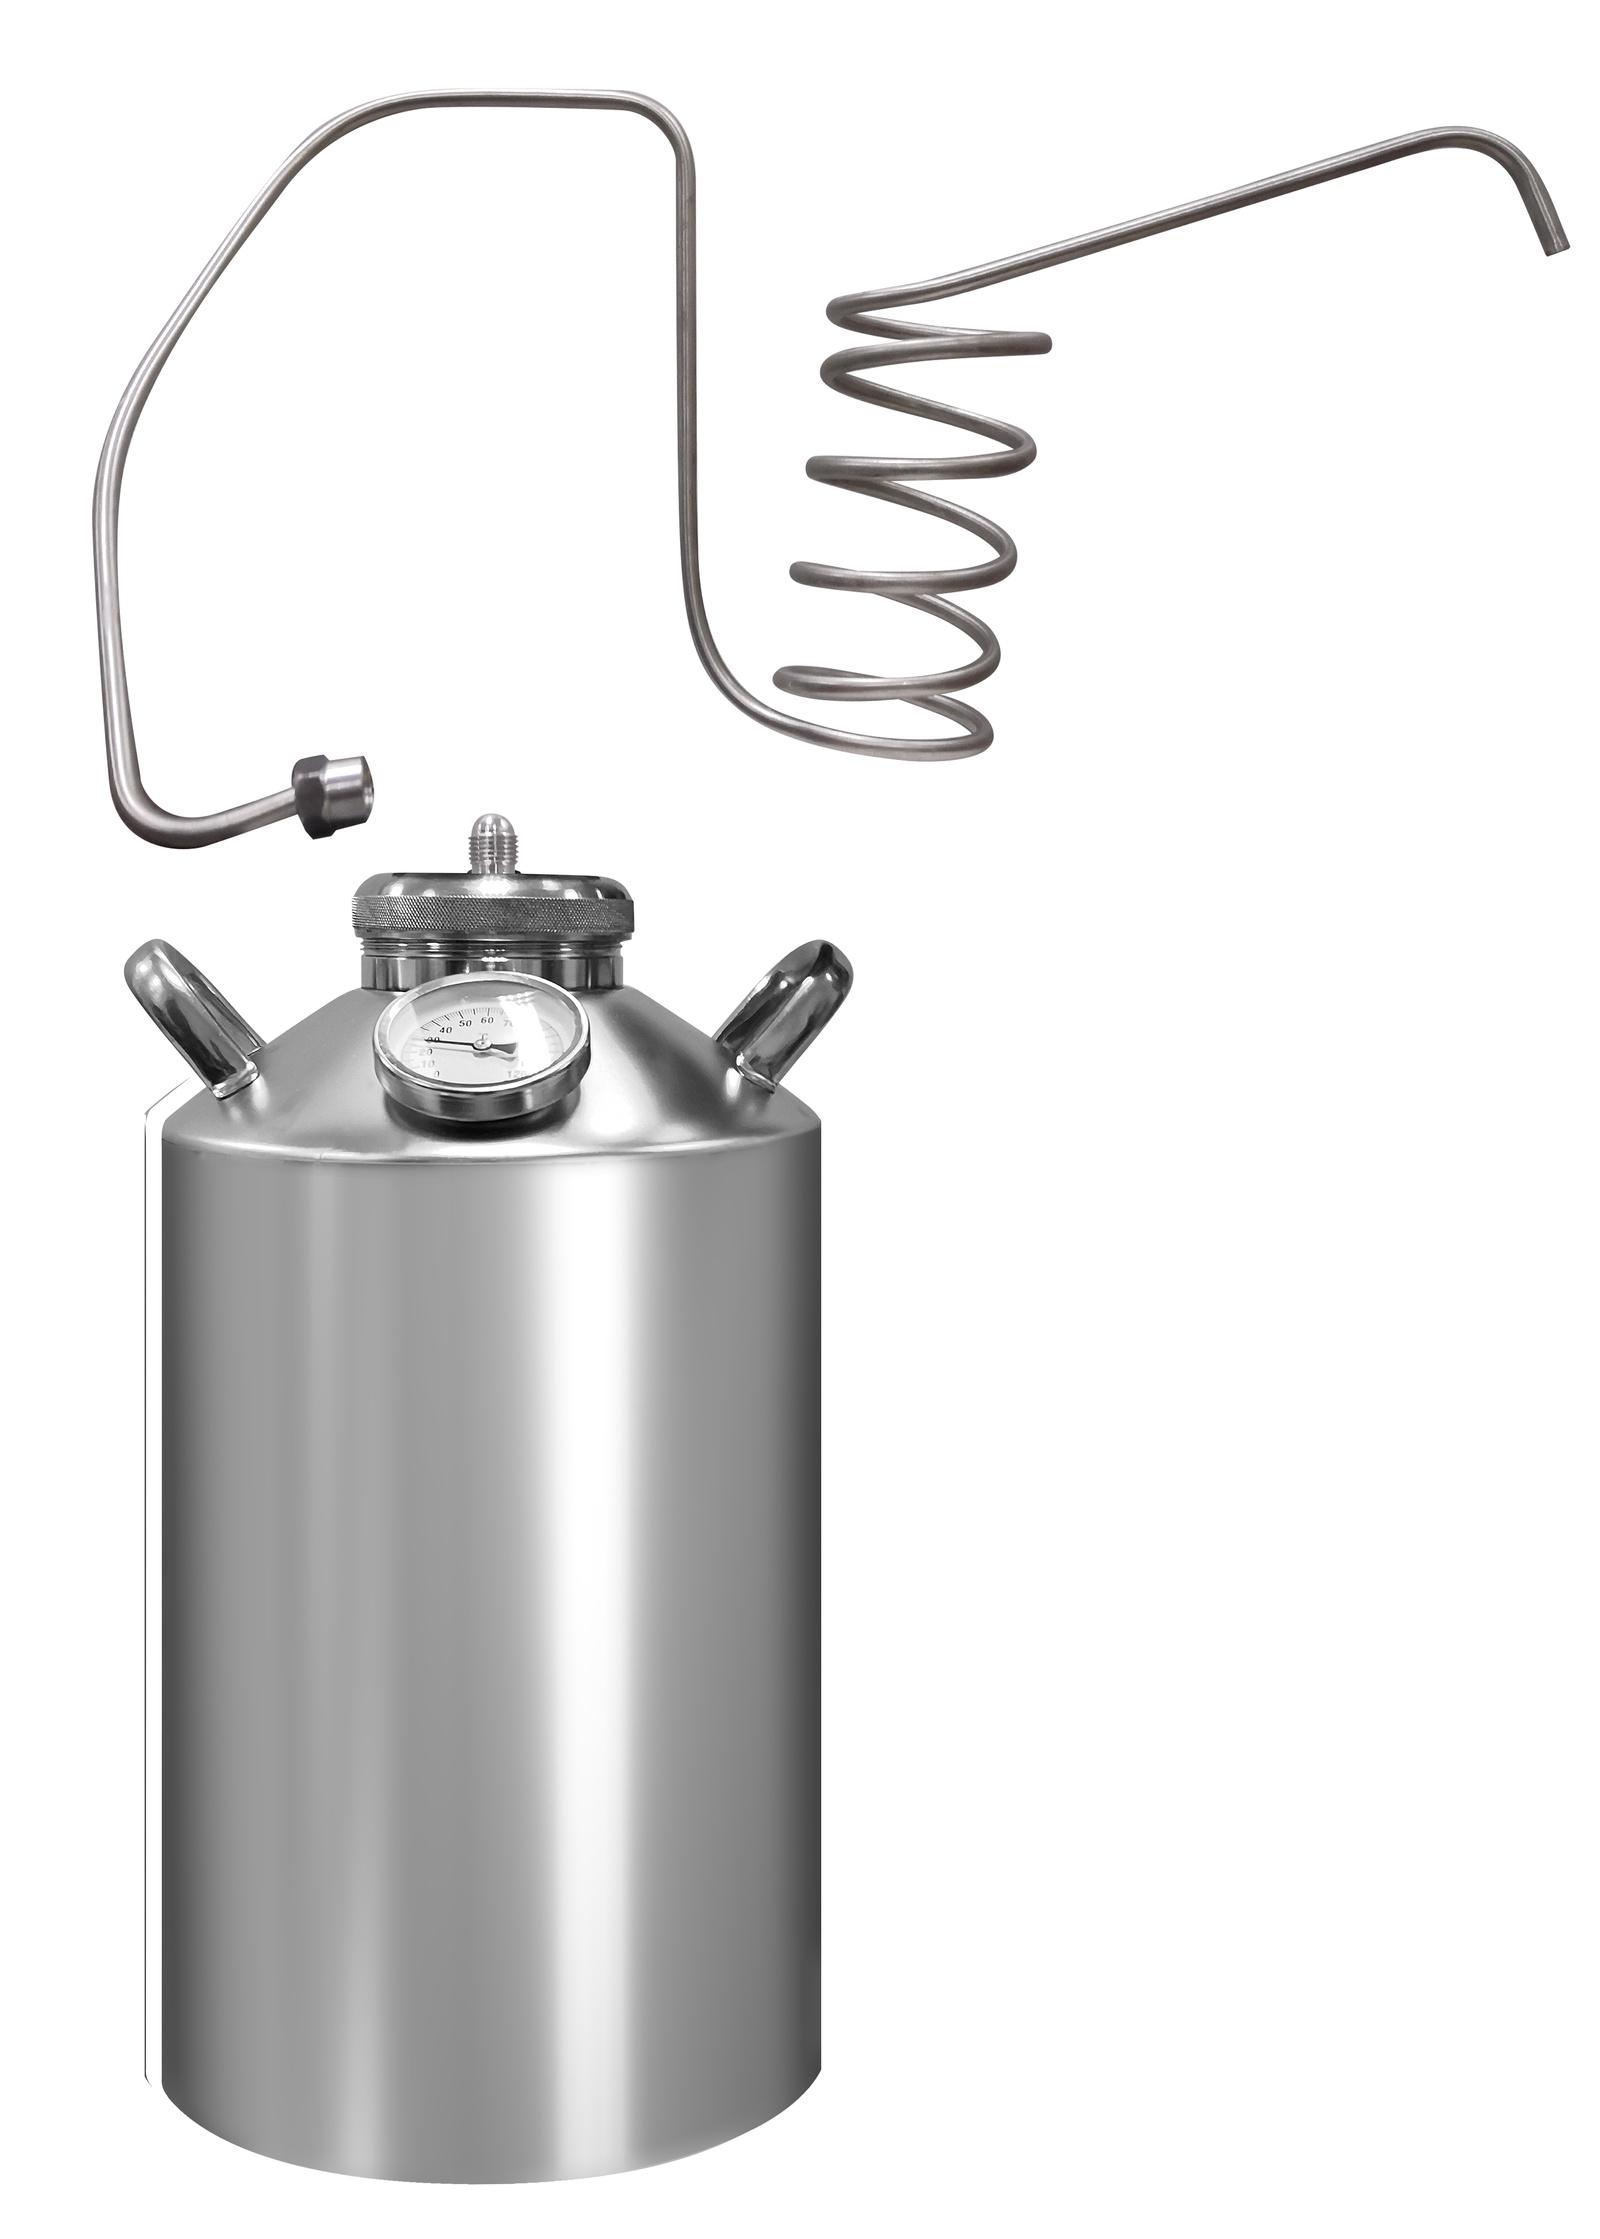 Дистиллятор бытовой Лидер Дачный, 12л, Дачный 12л дистиллятор непроточный добрый жар дачный 30 литров